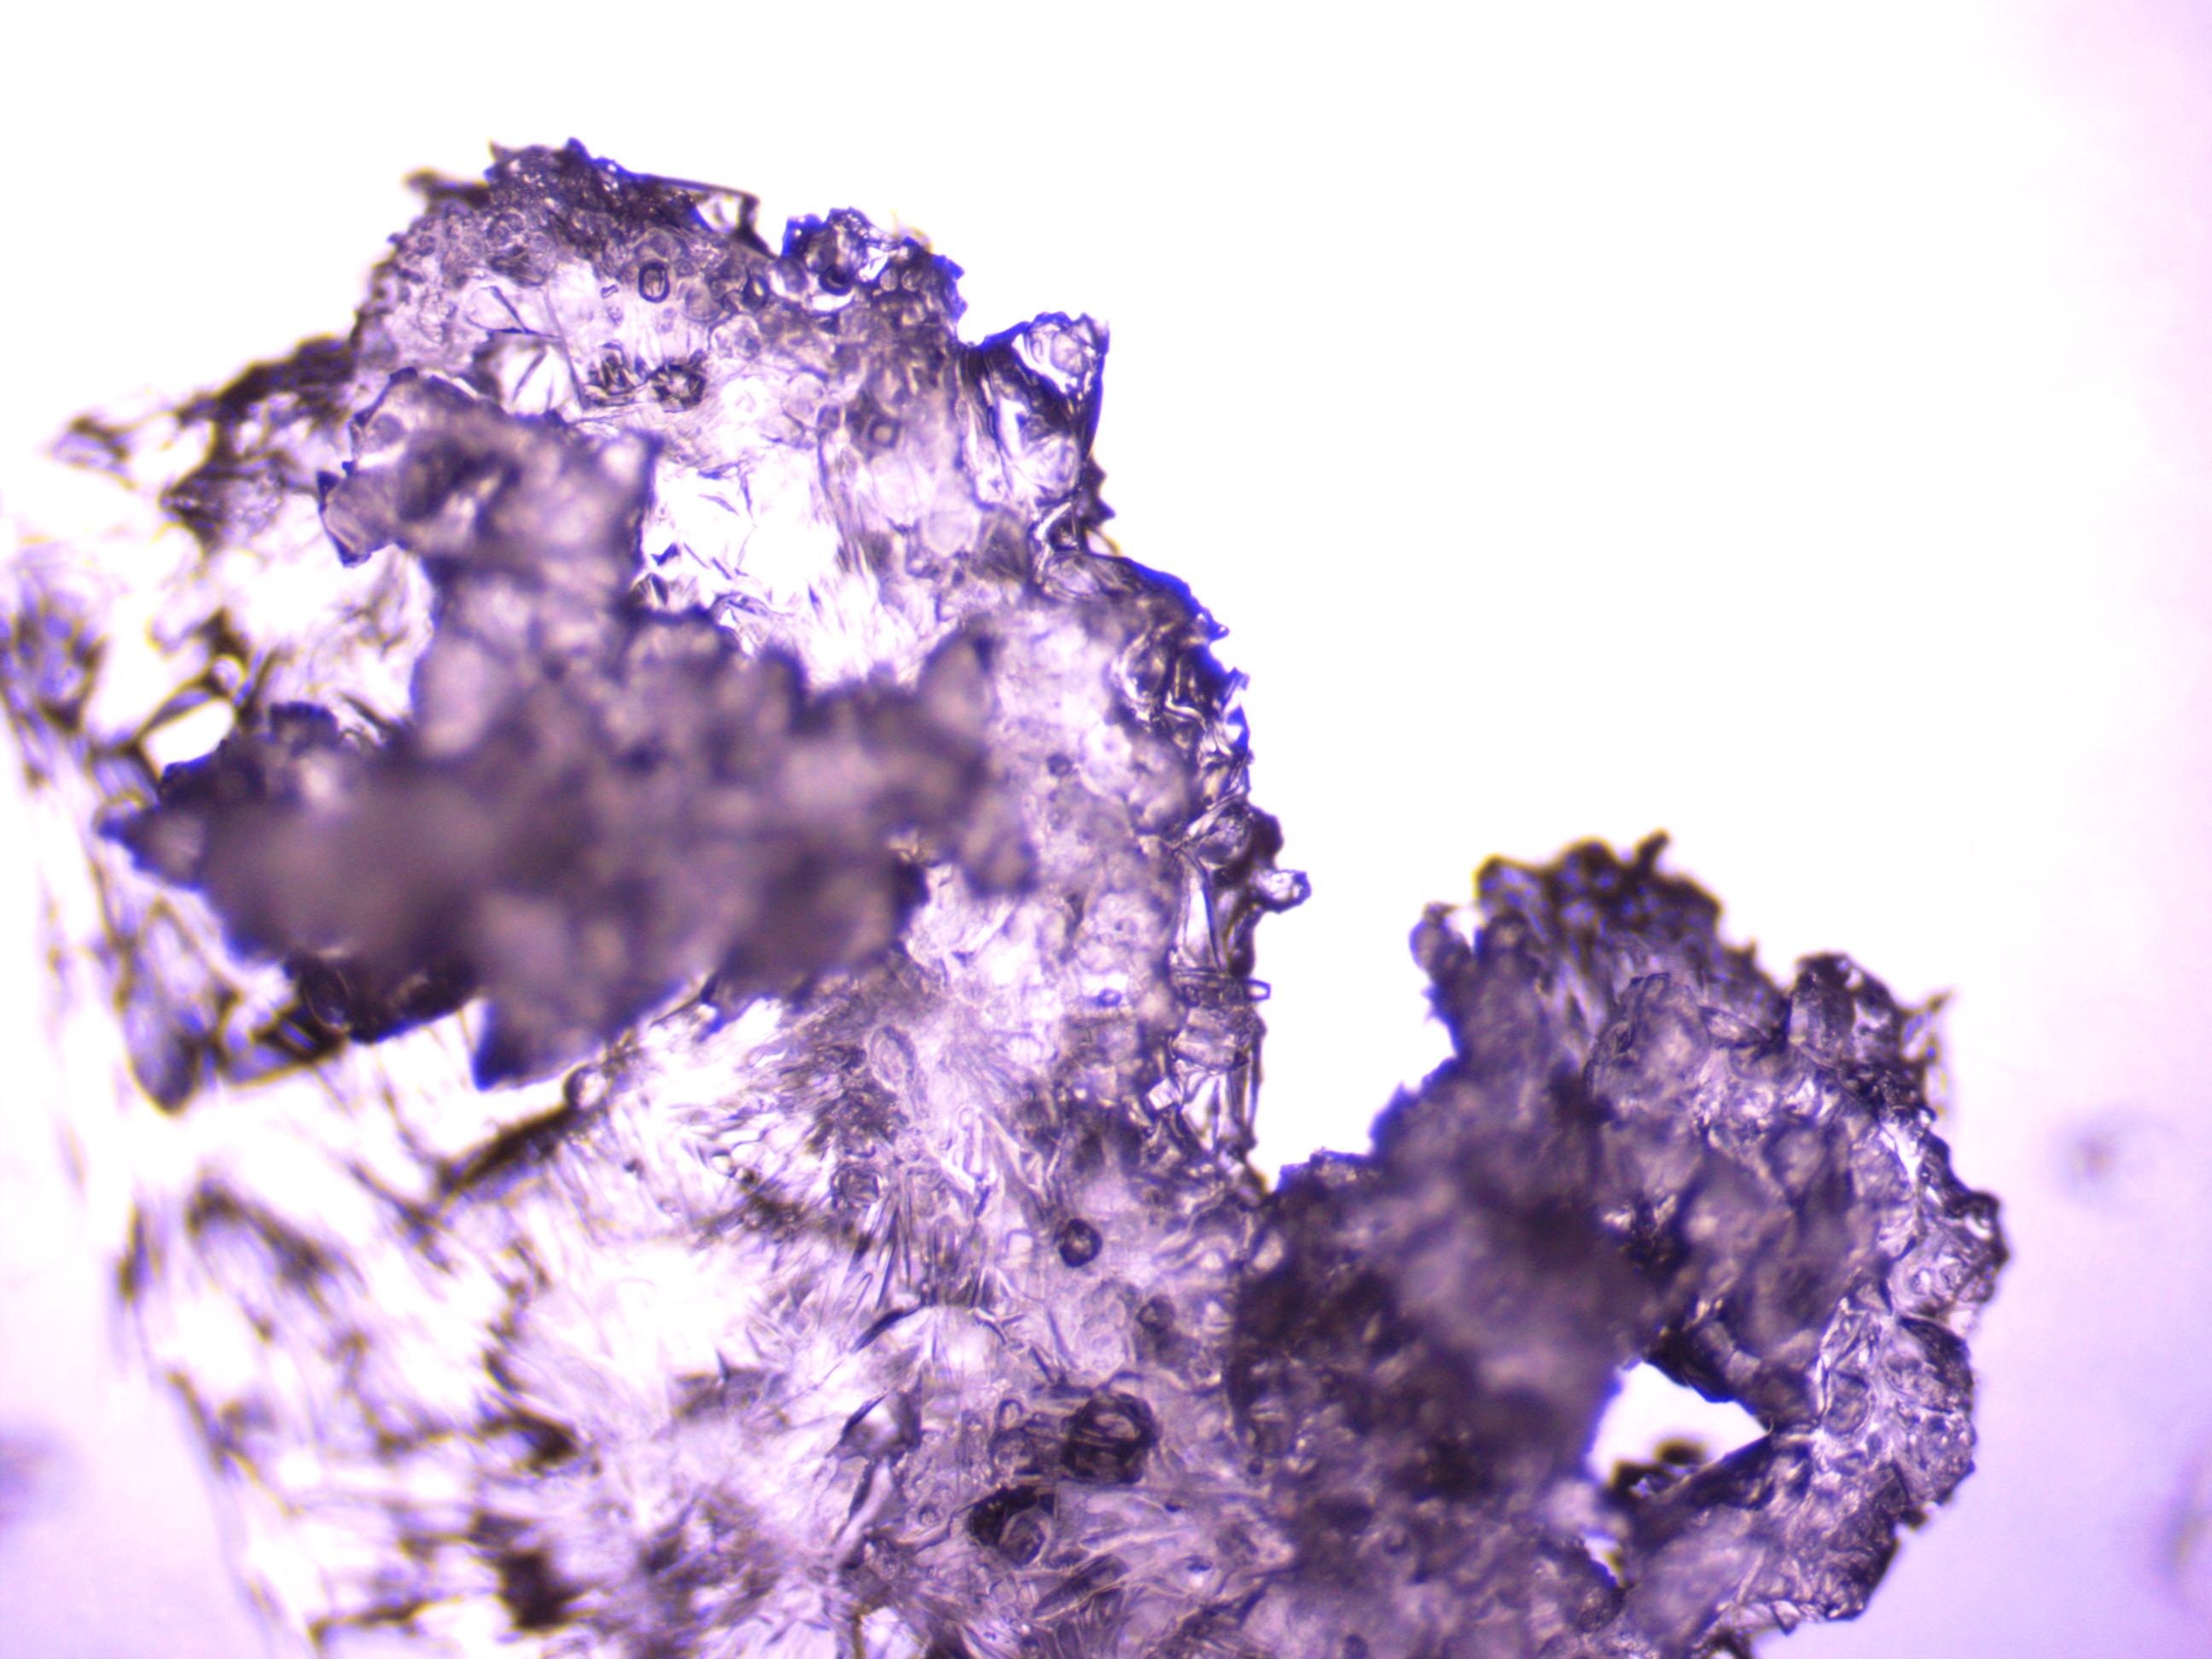 ER(7,8).6 - Crystal